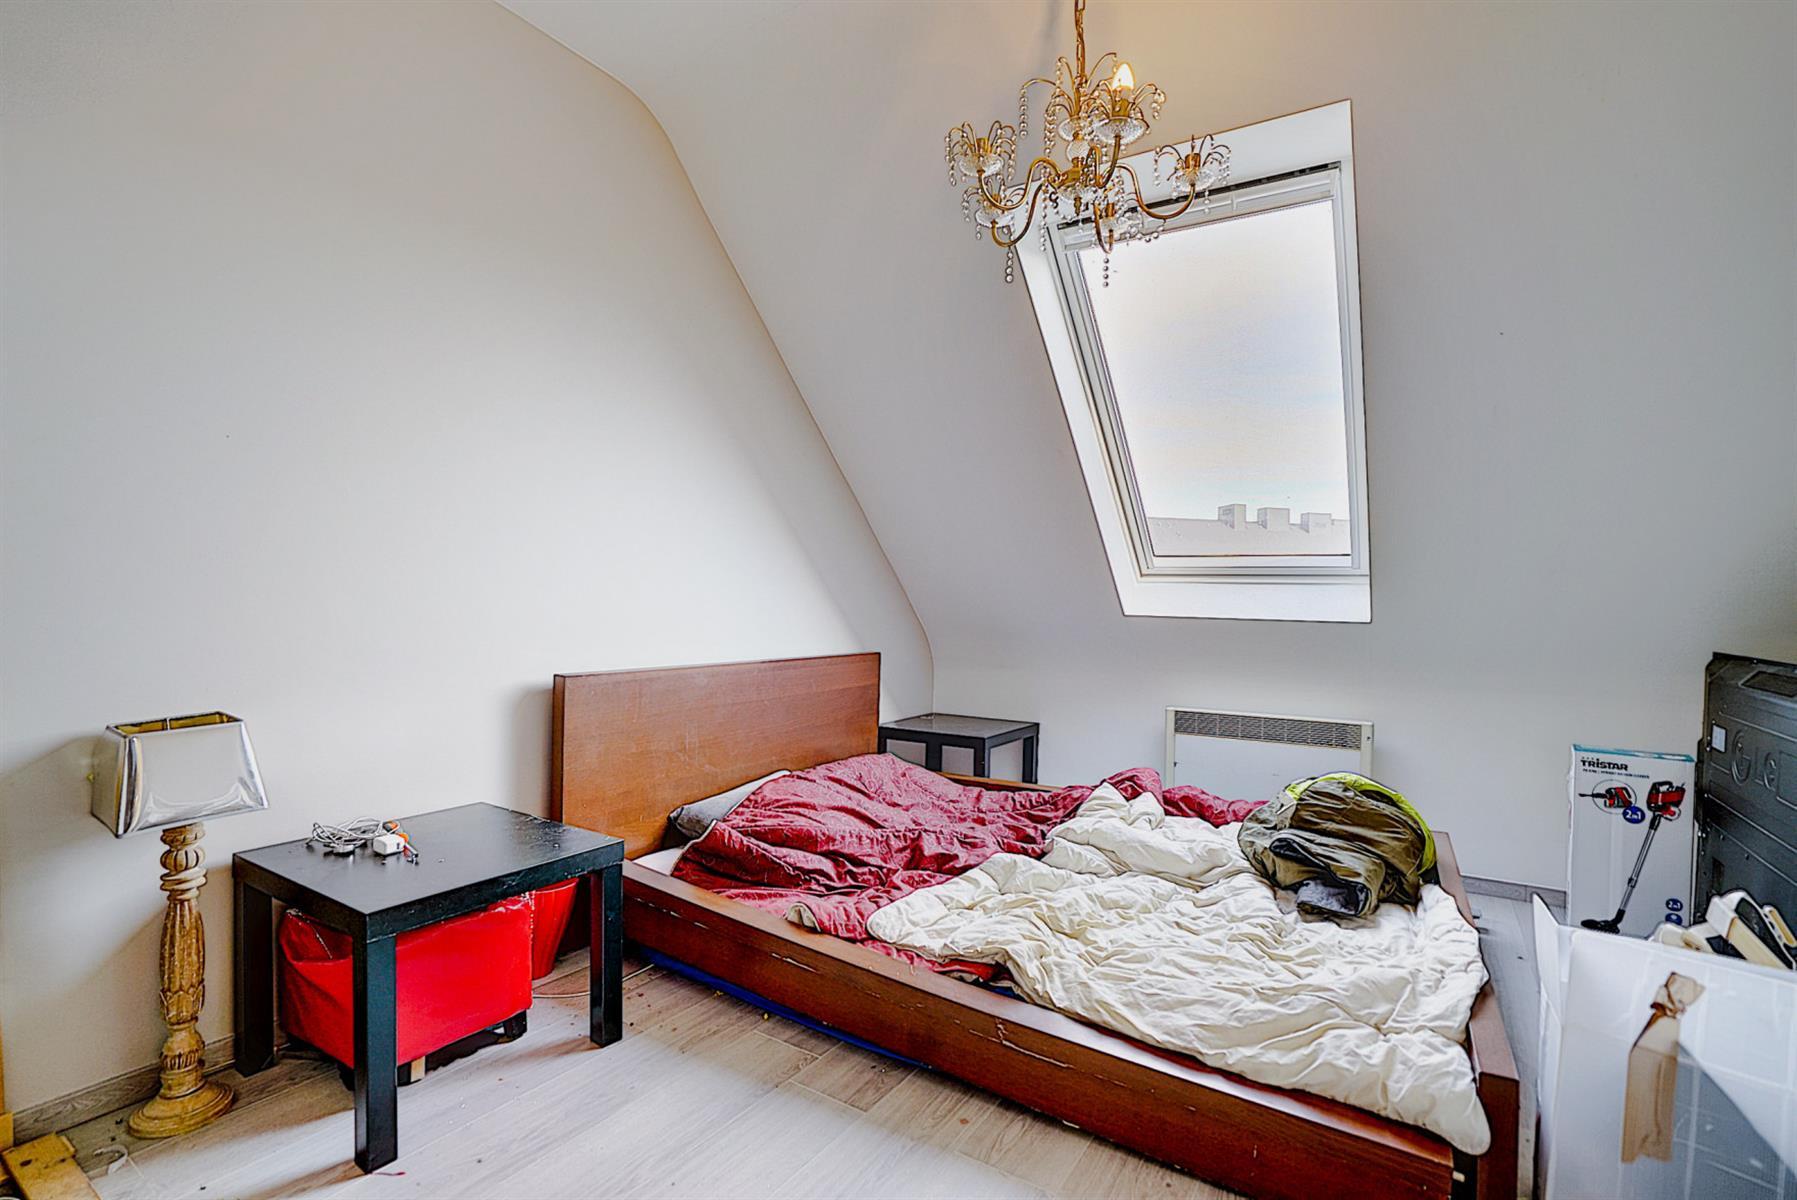 Appartement - Ottignies-louvain-la-neuve - #4342720-10